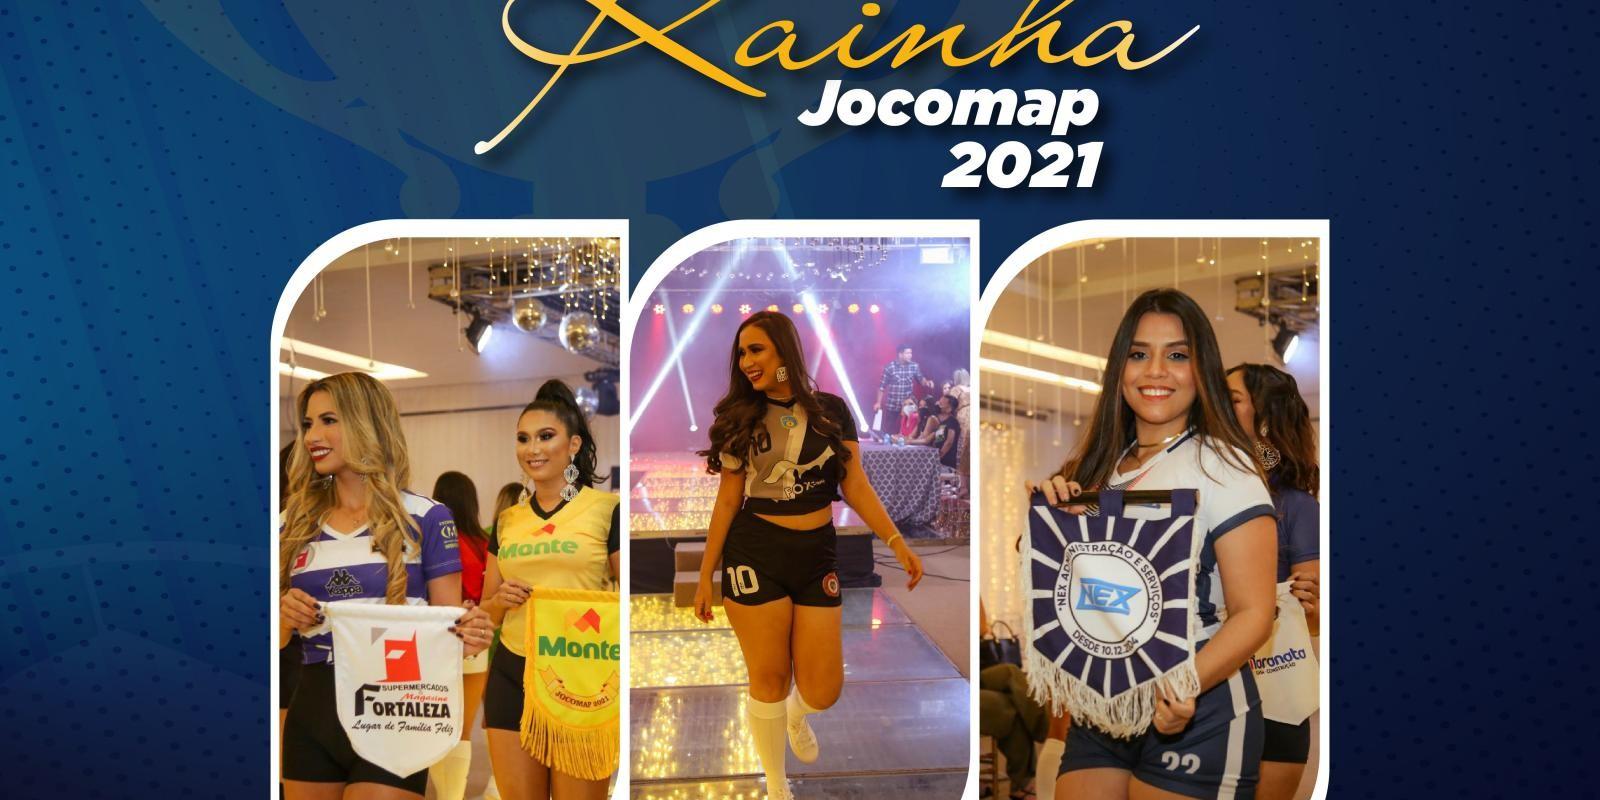 Resultado #2 Segunda Etapa - Concurso Rainha Jocomap 2021